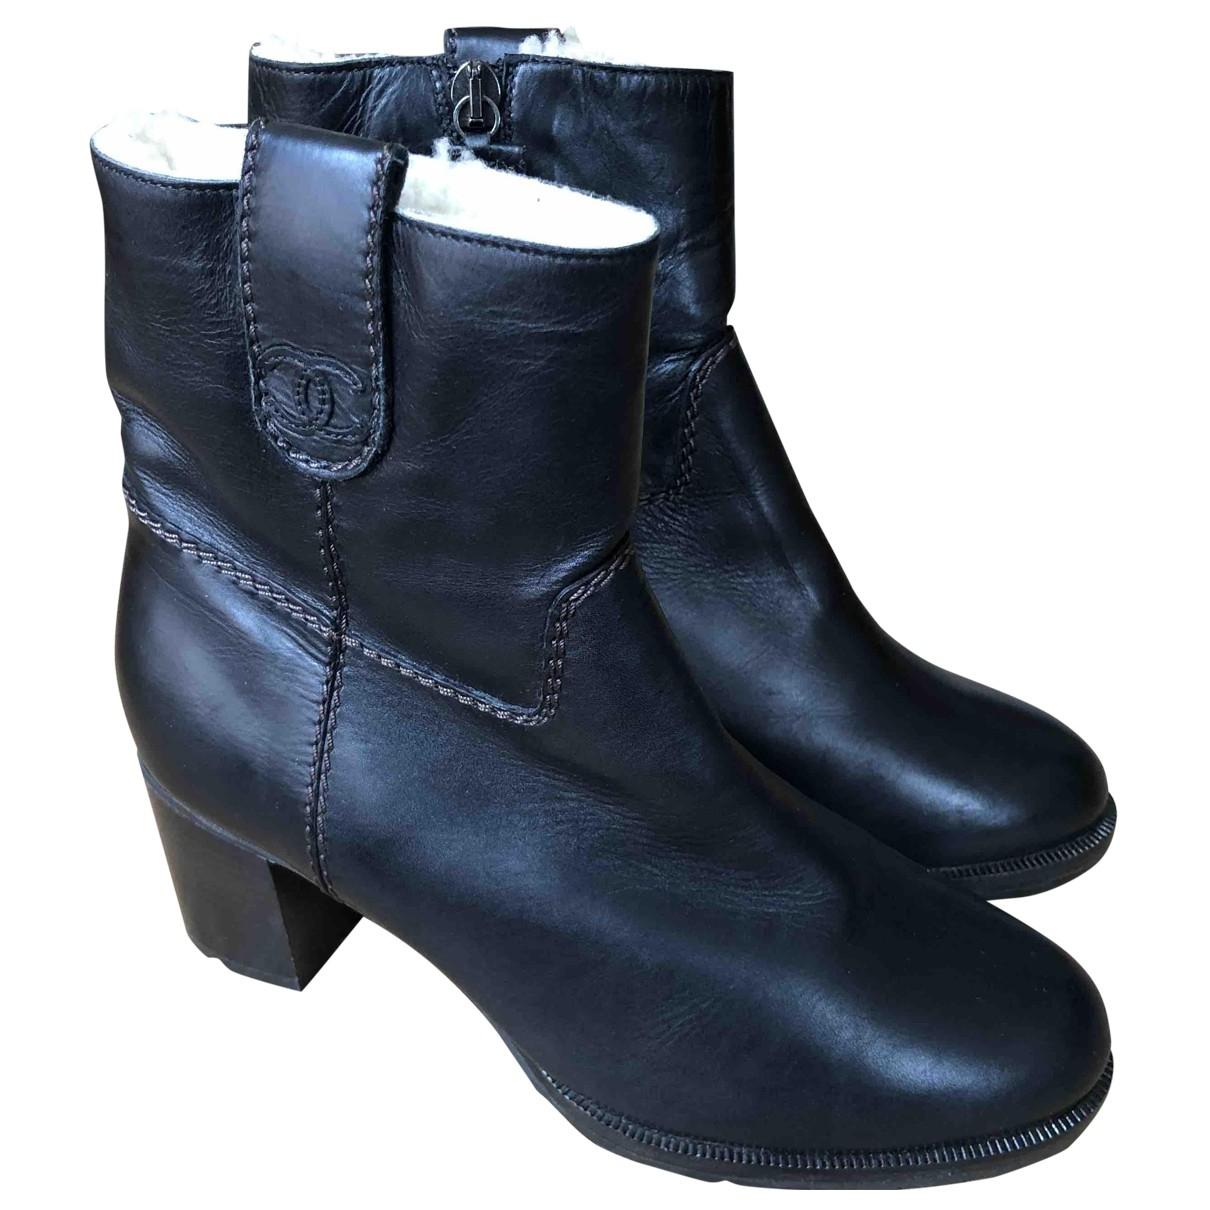 Chanel - Boots   pour femme en cuir - marron